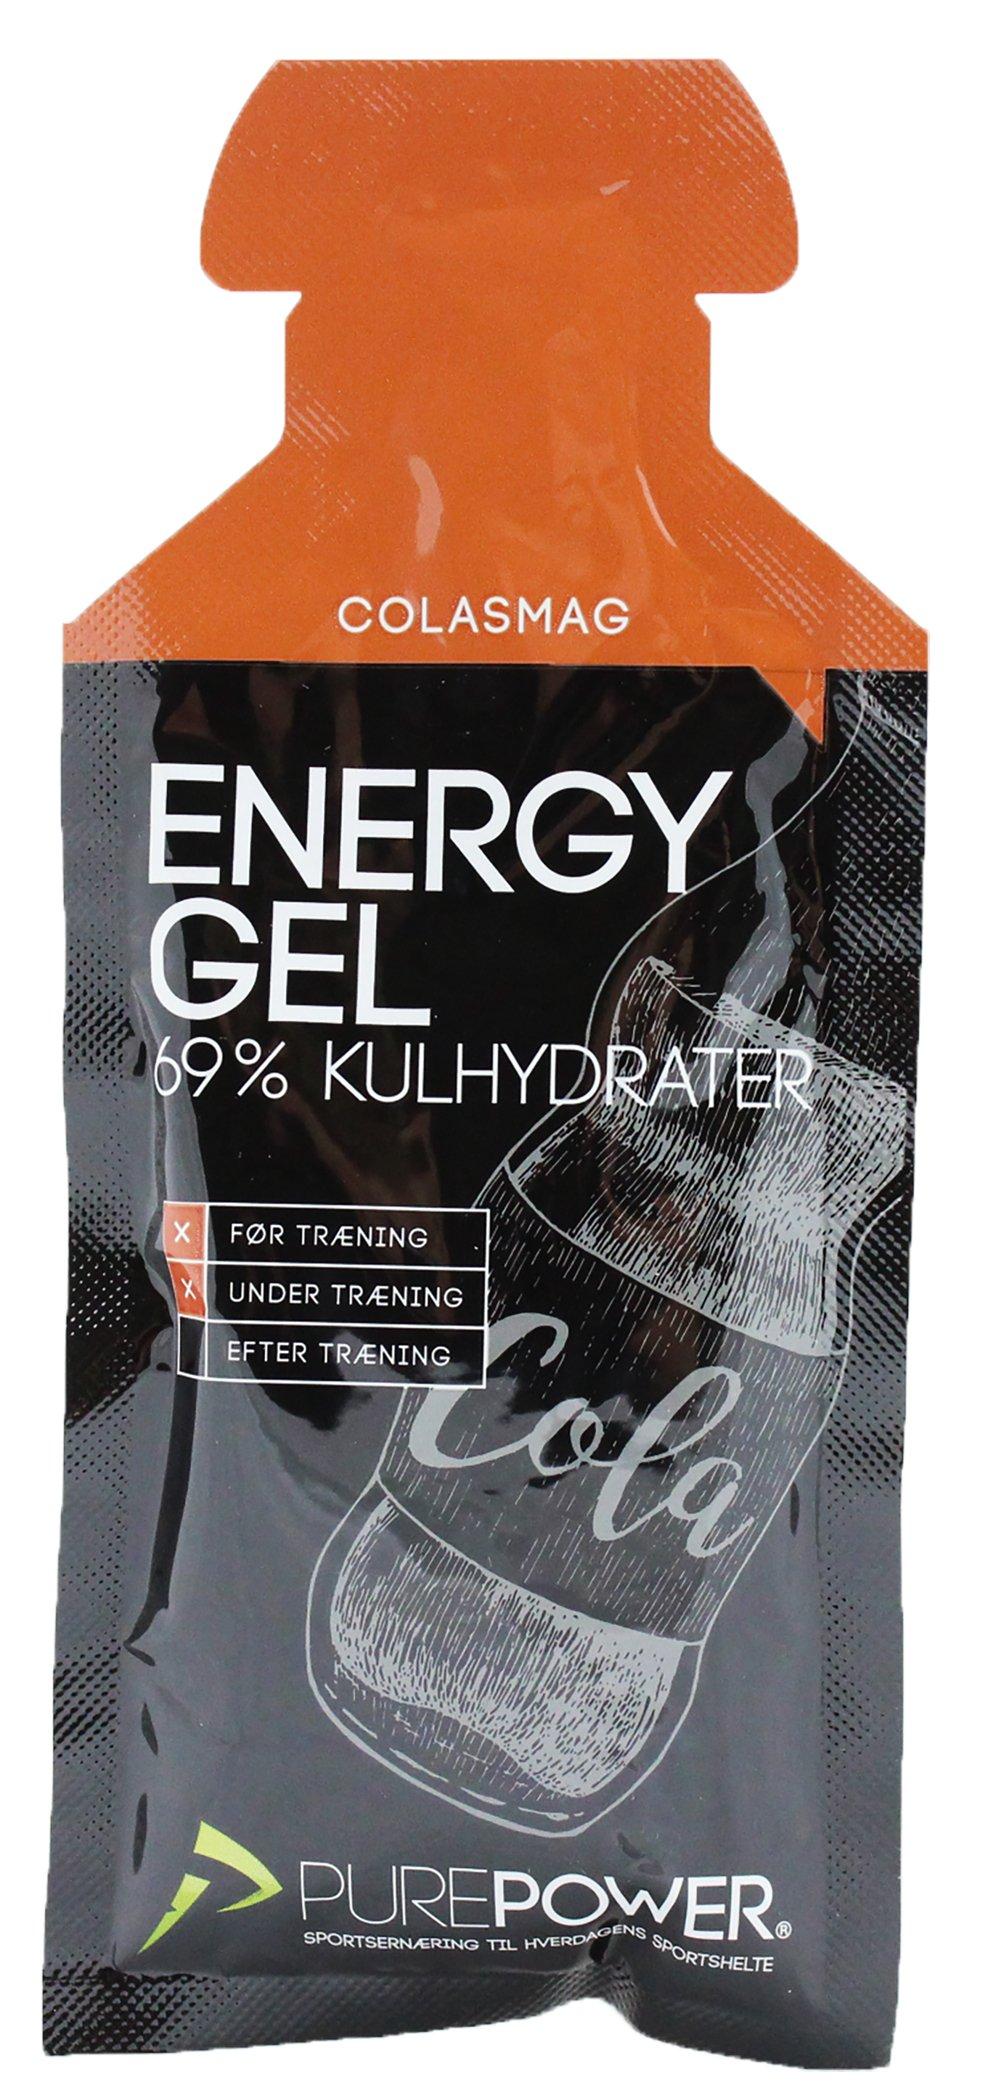 PurePower Energi Gel Cola smag 40g | Energy gels